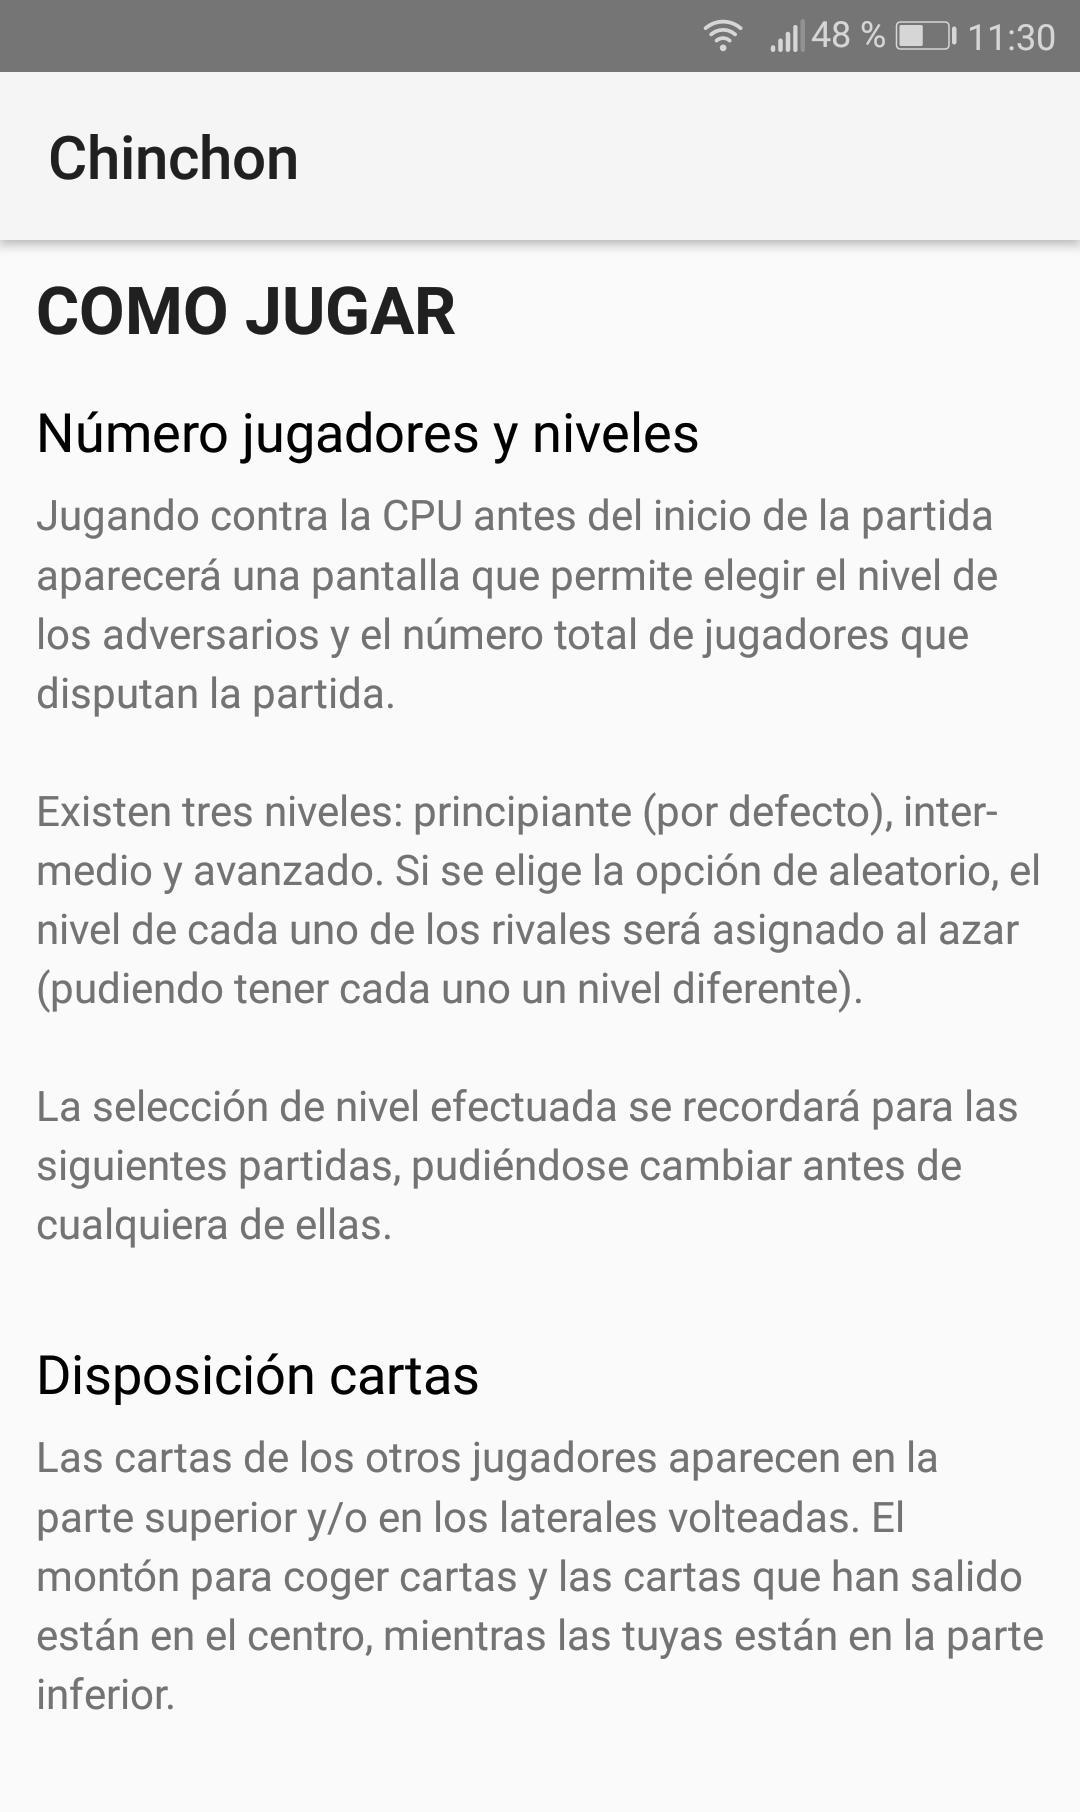 Chinchón 1.7 Screenshot 4